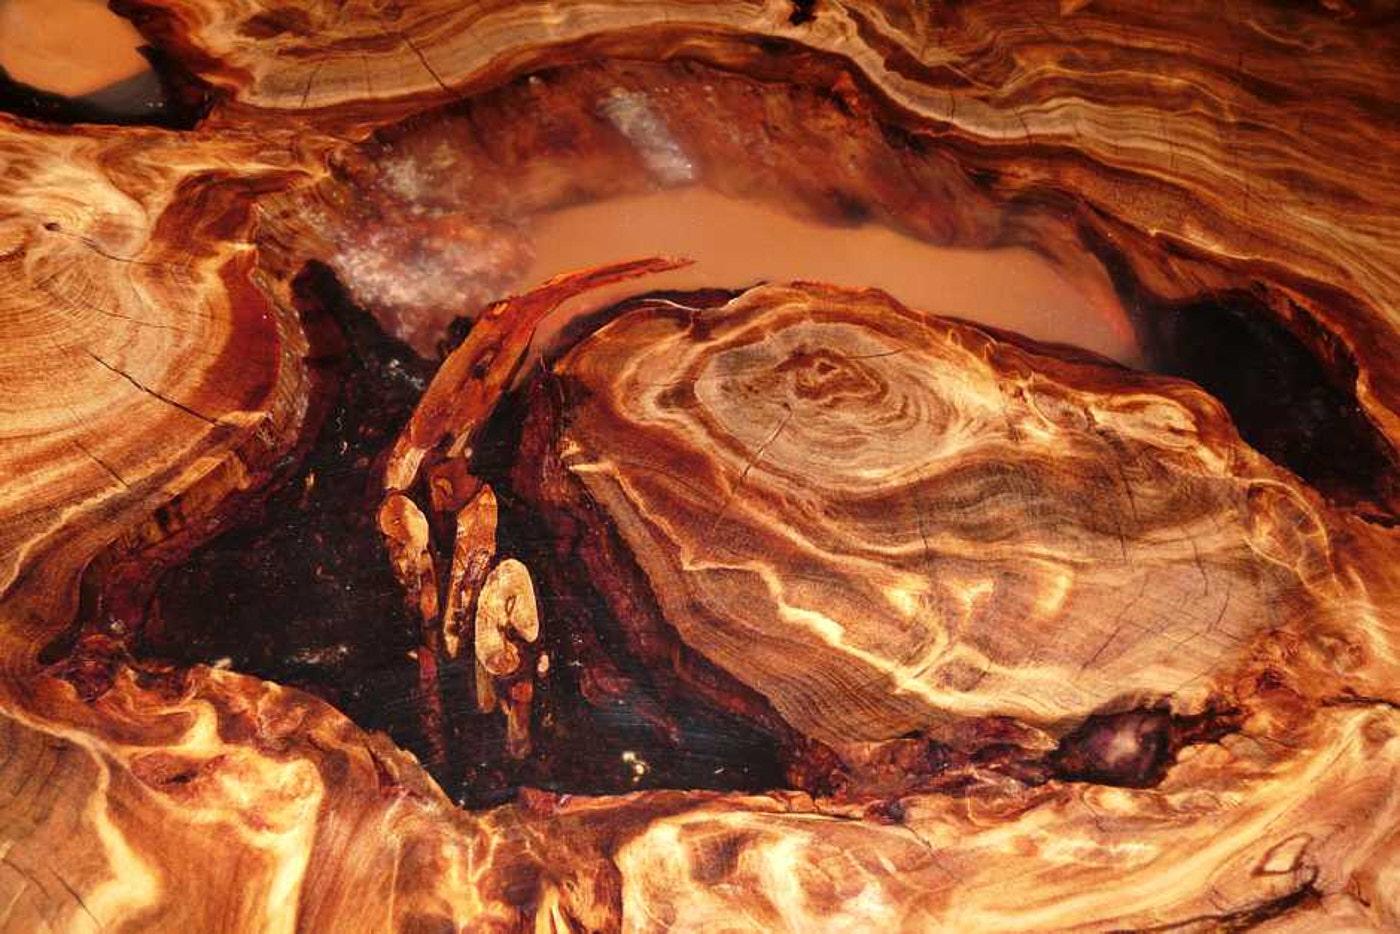 Holztische aus kunstvollem Kauri Holz, einzigartige Natur Kunstwerke mit Leidenschaft und Ehrfurcht angefertigt, besondere Unikat Tische aus wunderschönem Wurzel Stamm